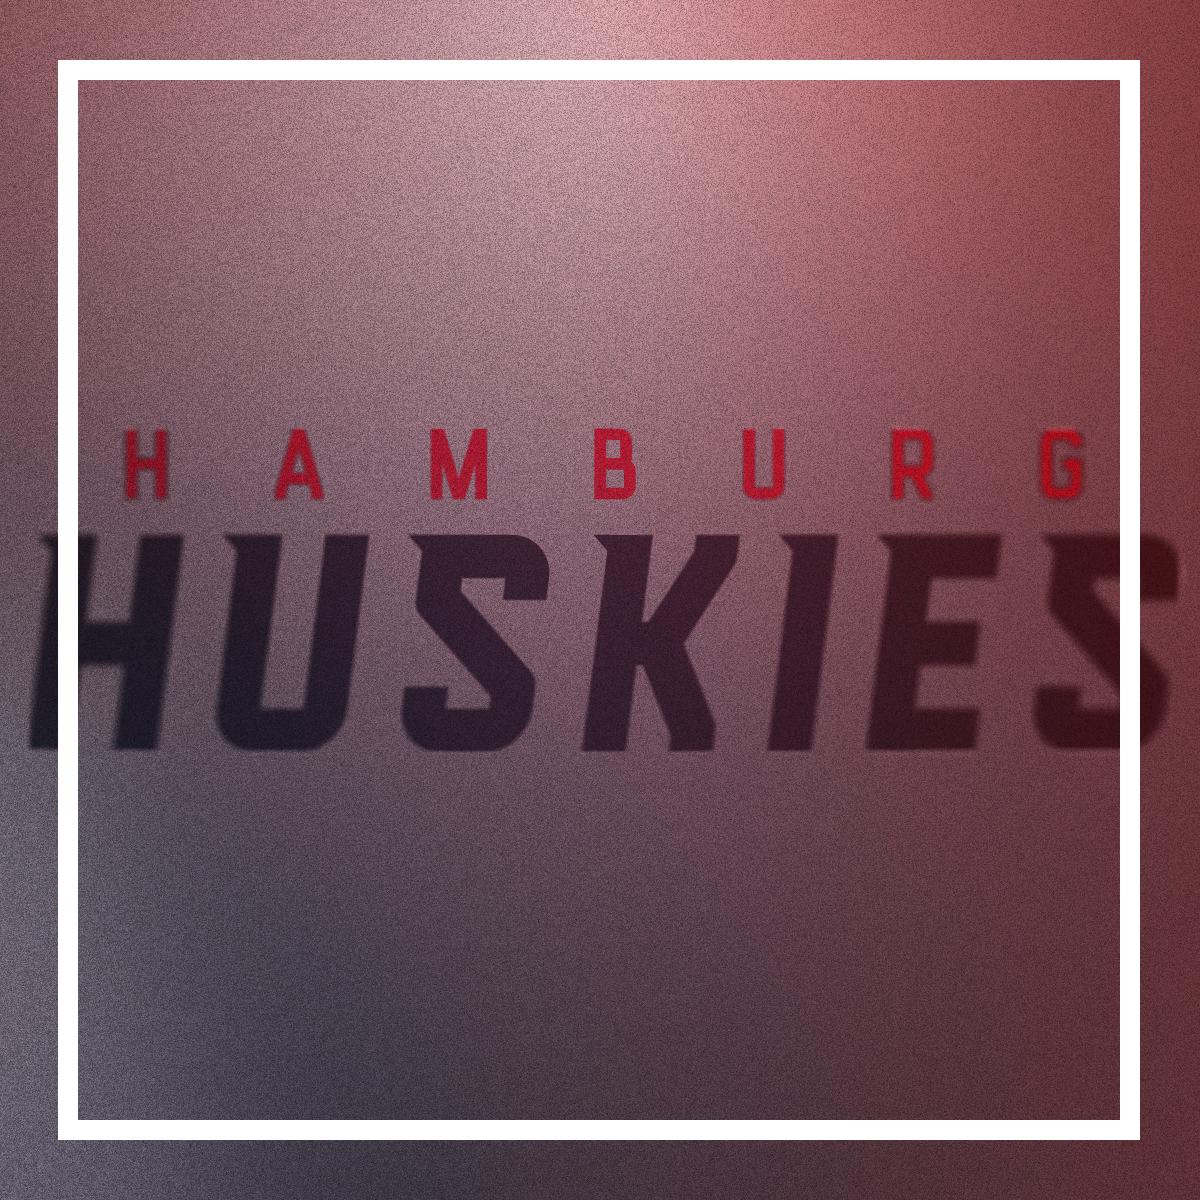 hhuskies_wordmark.png